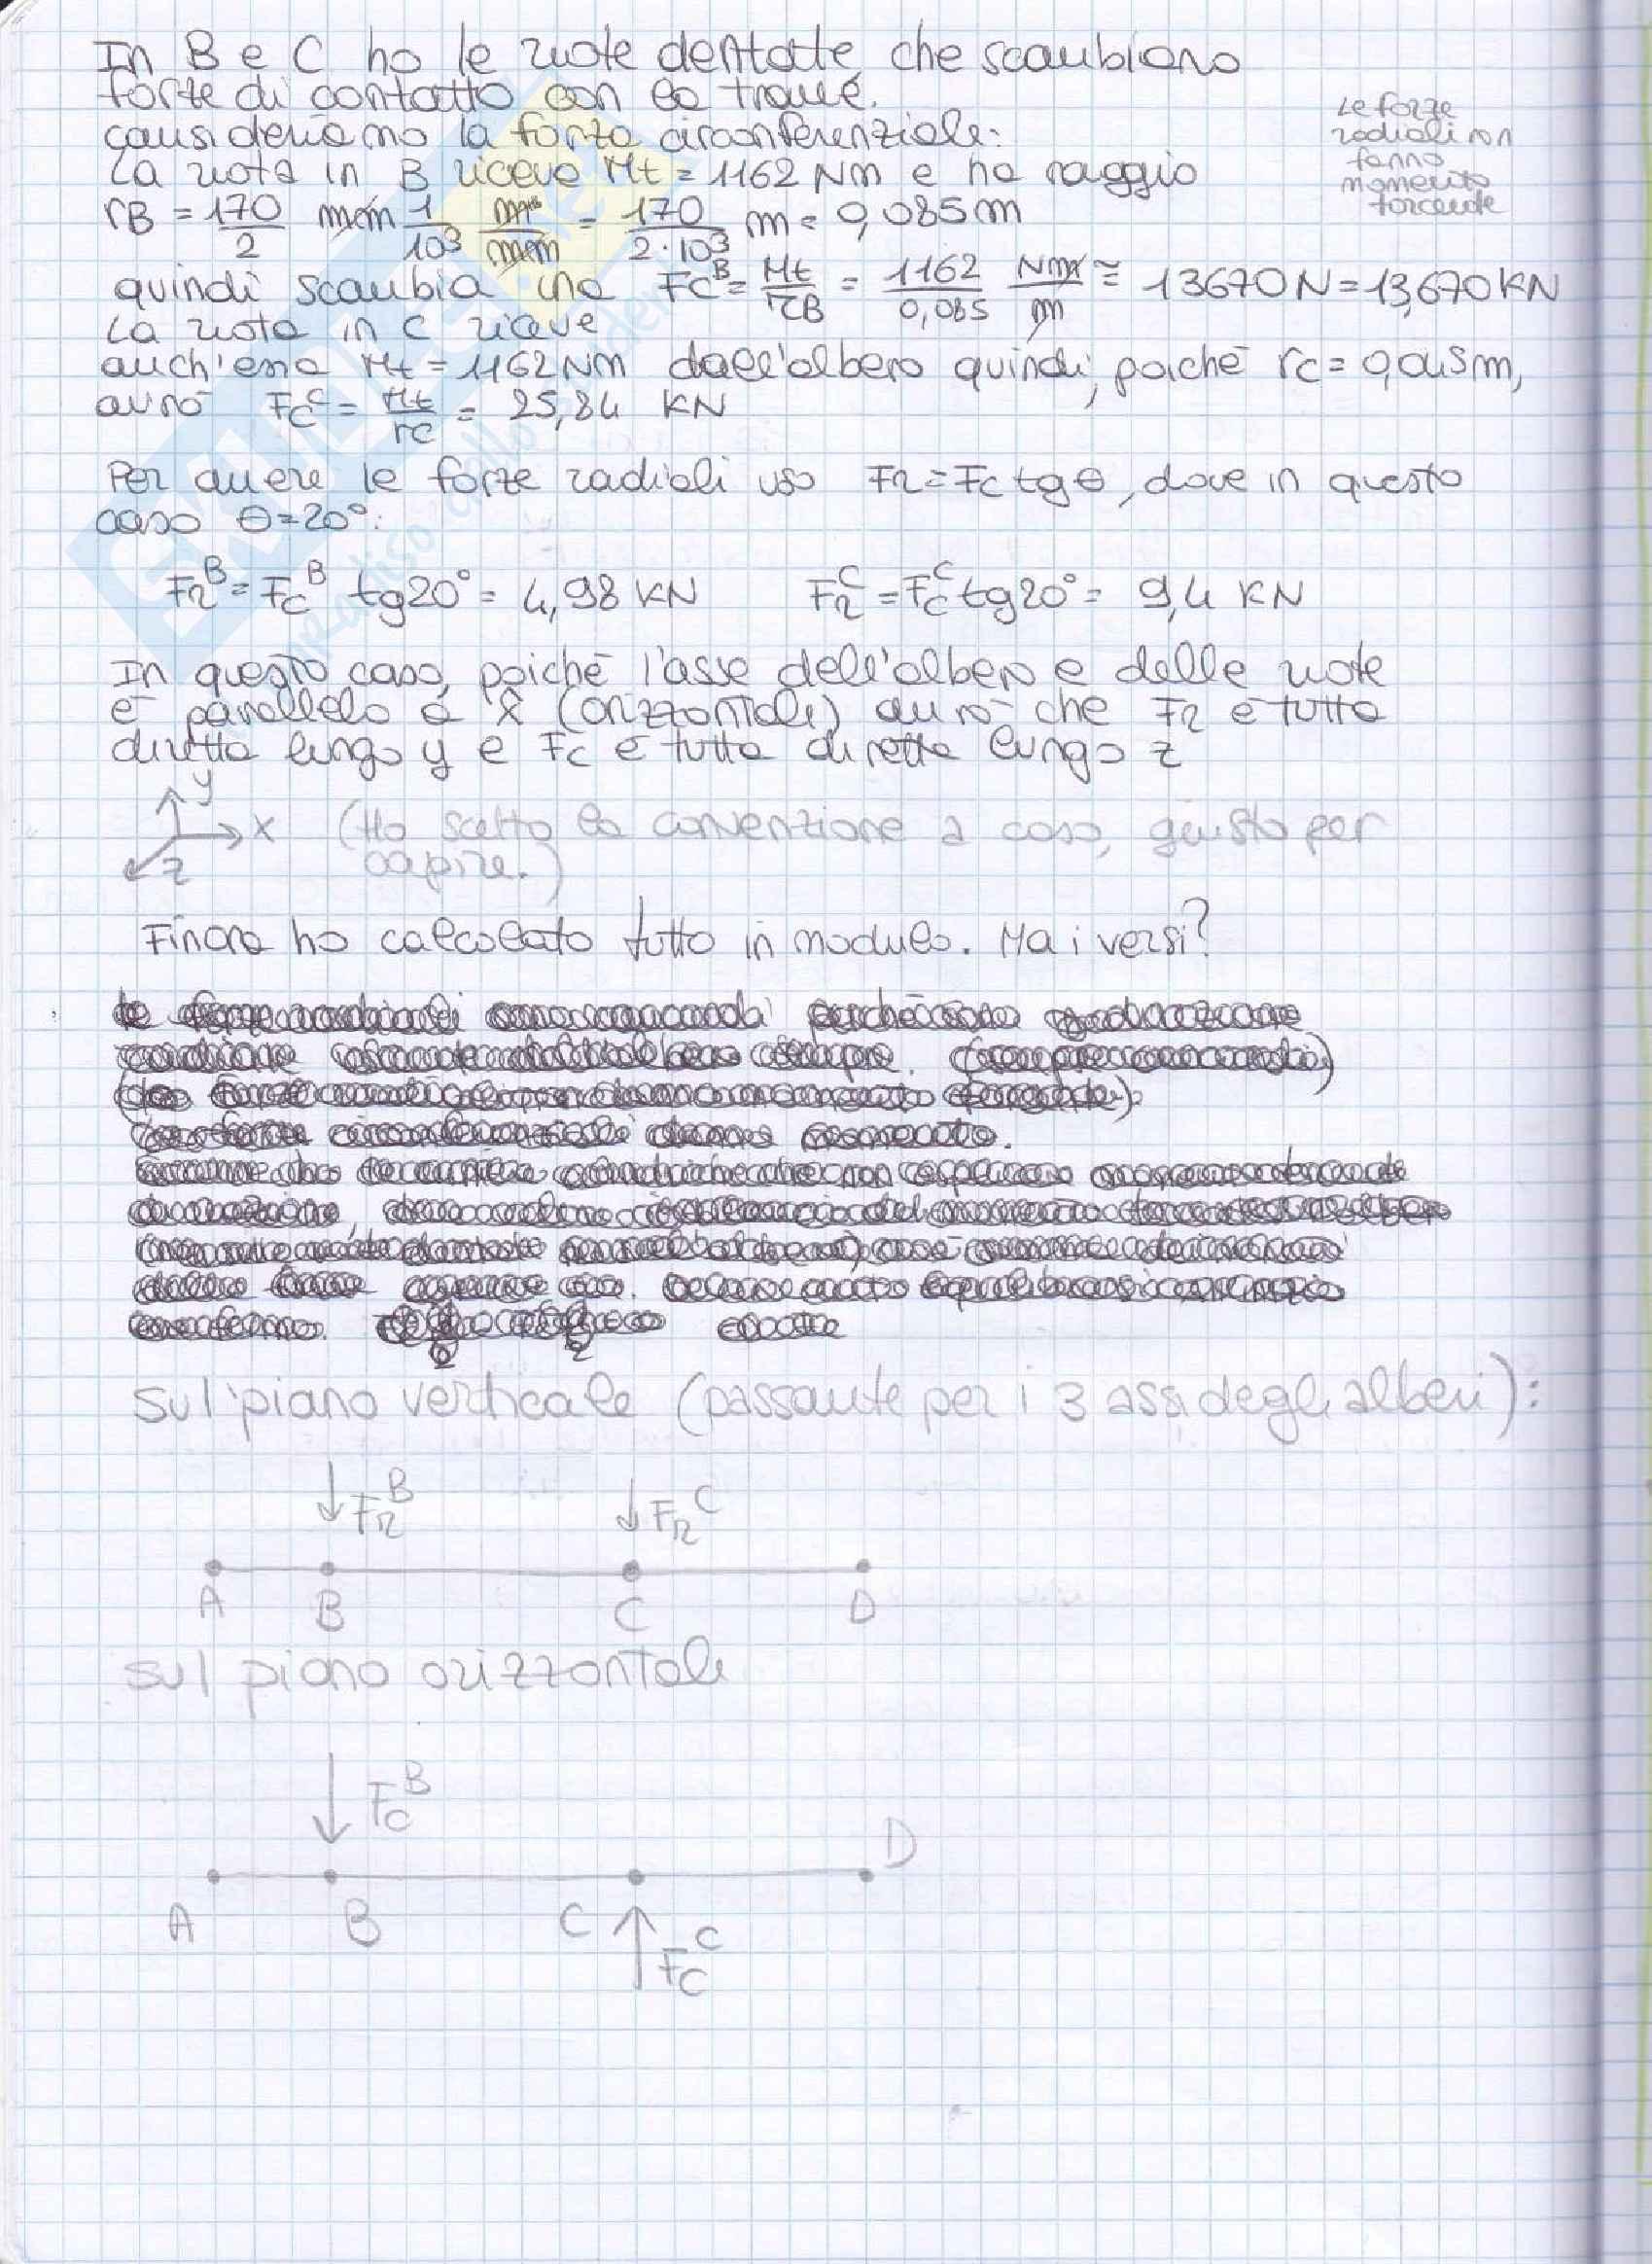 Elementi costruttivi delle macchine - Esercizi esame svolti Pag. 6